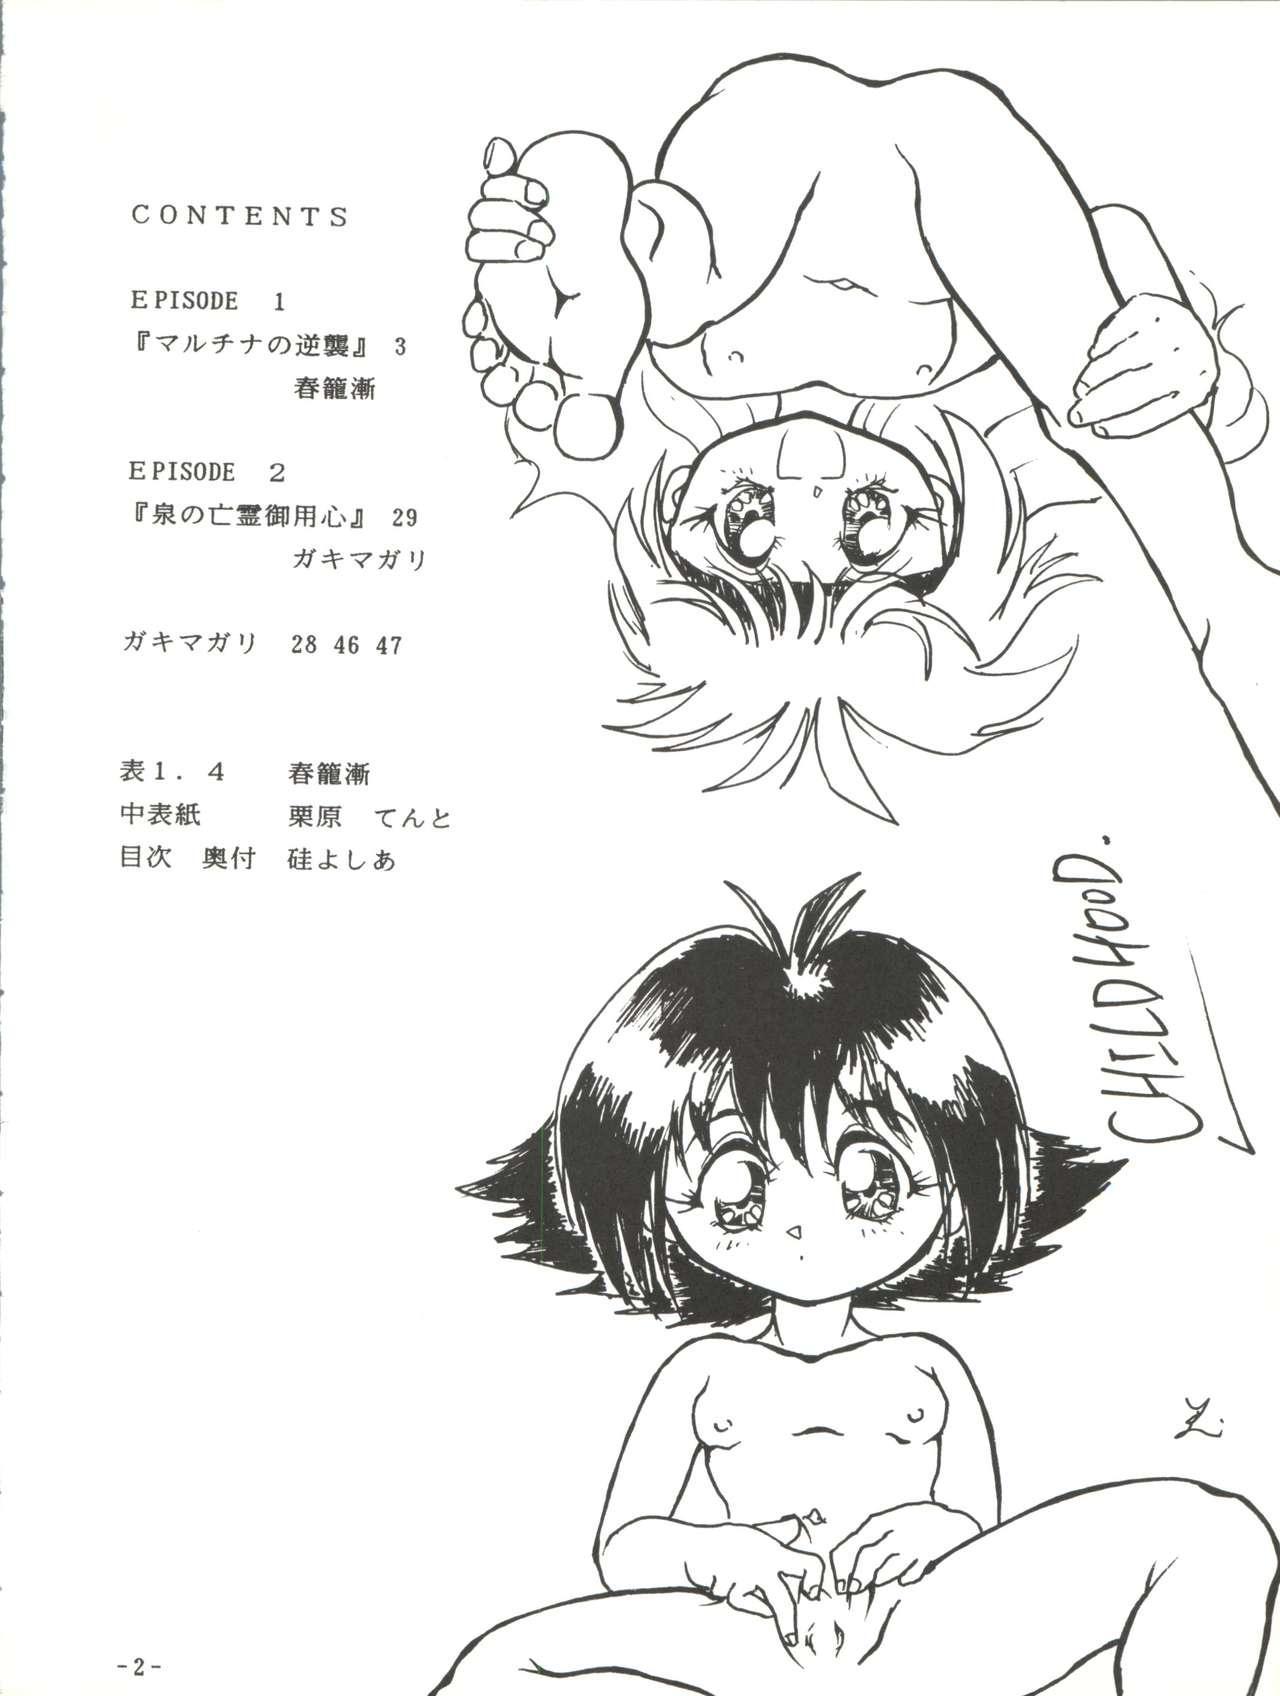 BTB-19.3 Kyou no Ohiru wa Naani 3